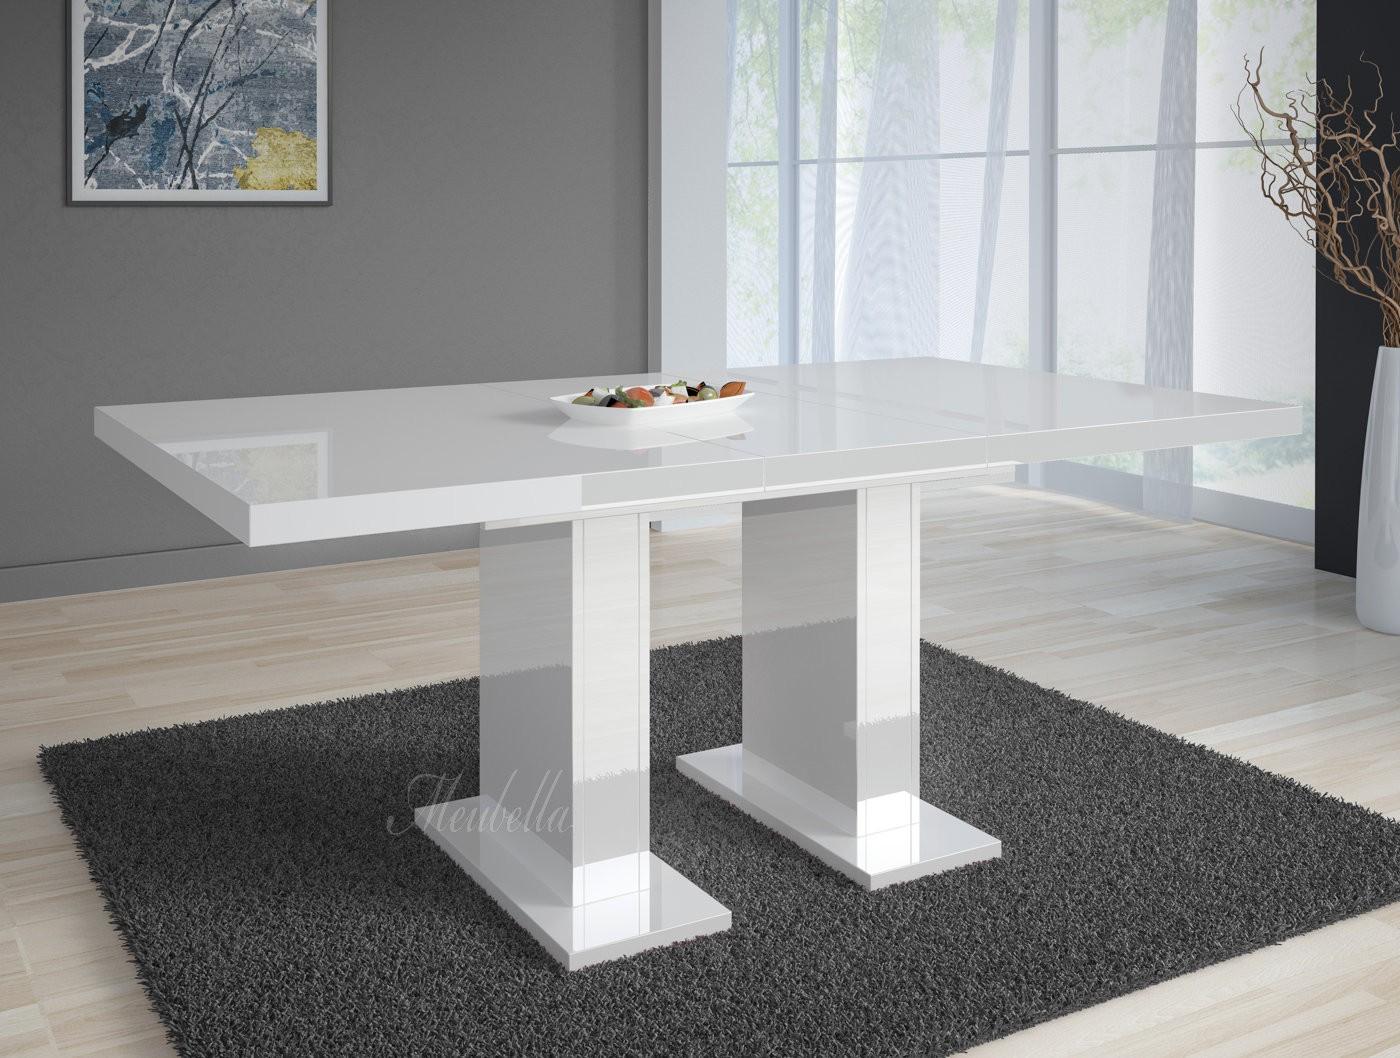 Moderne Uitschuifbare Eetkamertafels.Eetkamertafel Glamour 160 Wit Uitschuifbaar Meubella